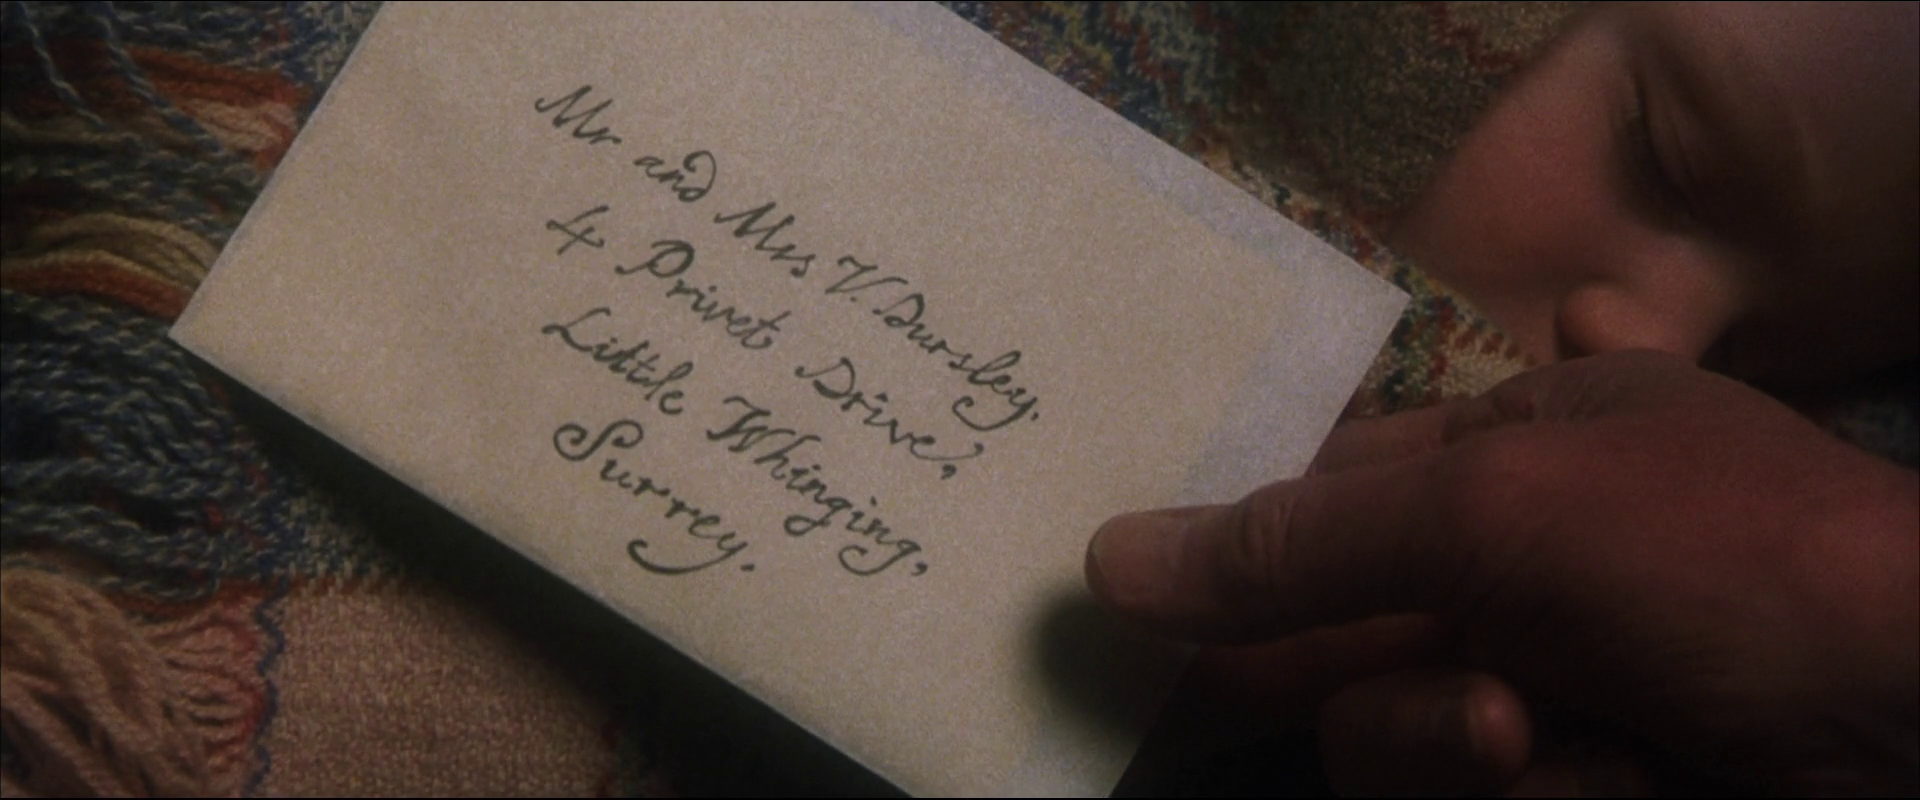 Albus Dumbledore's letter to Petunia Dursley